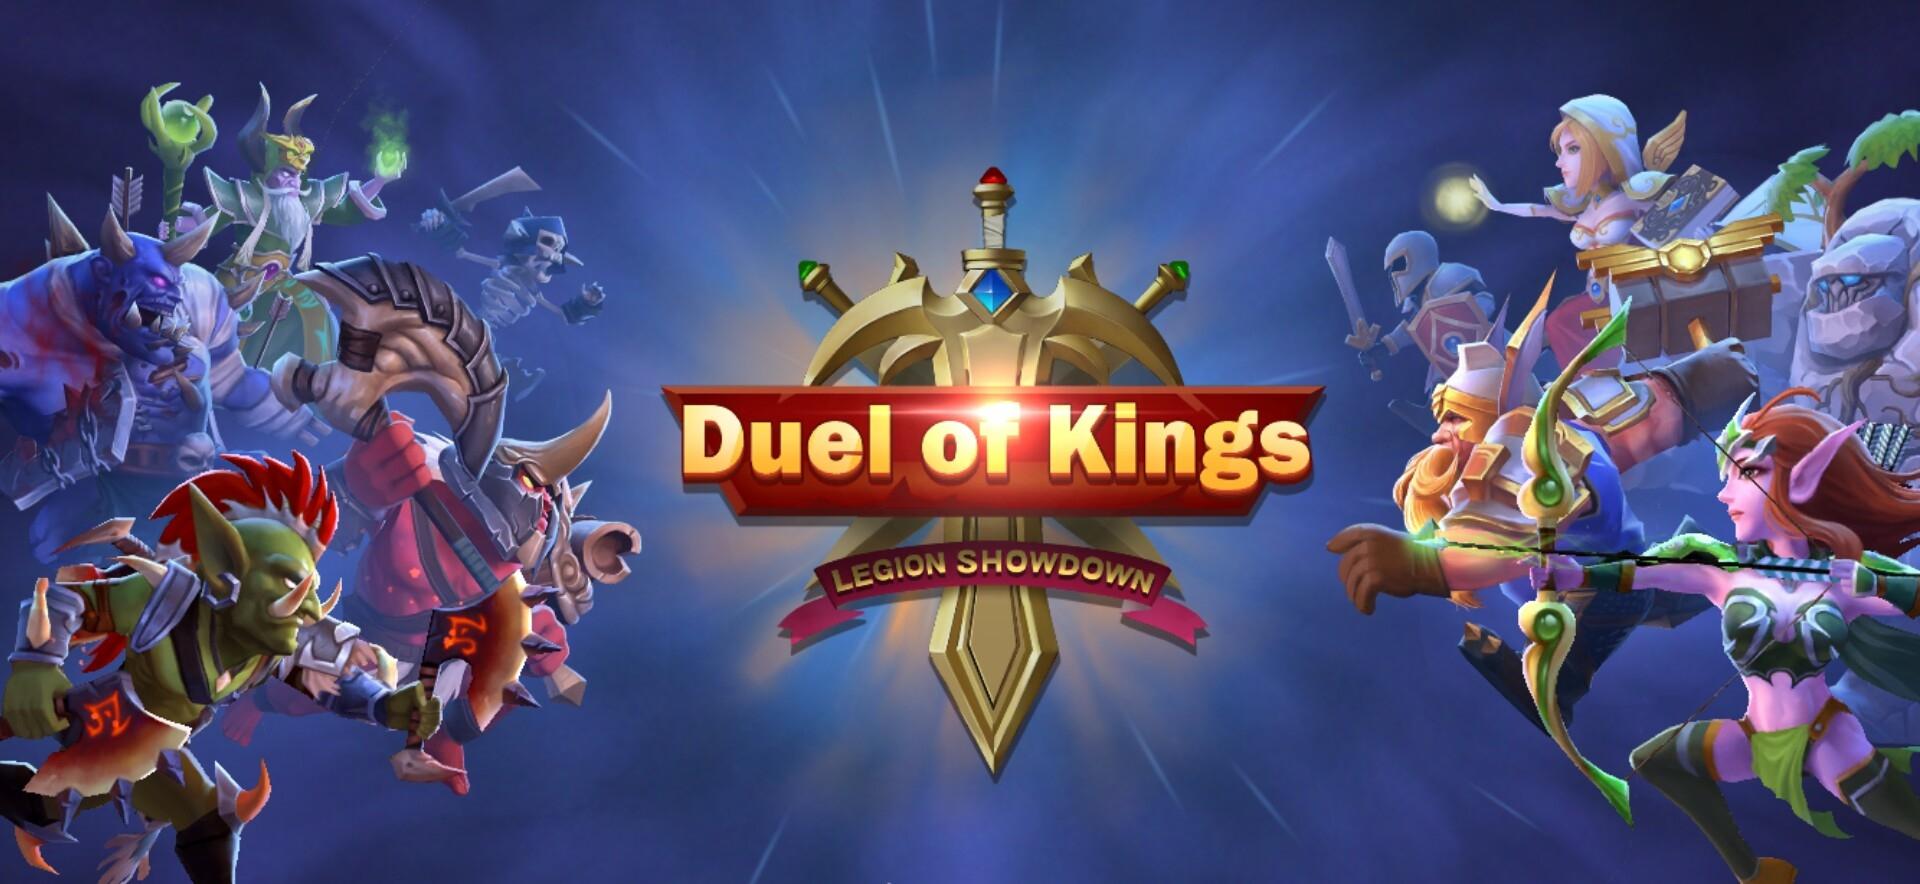 duel of kings